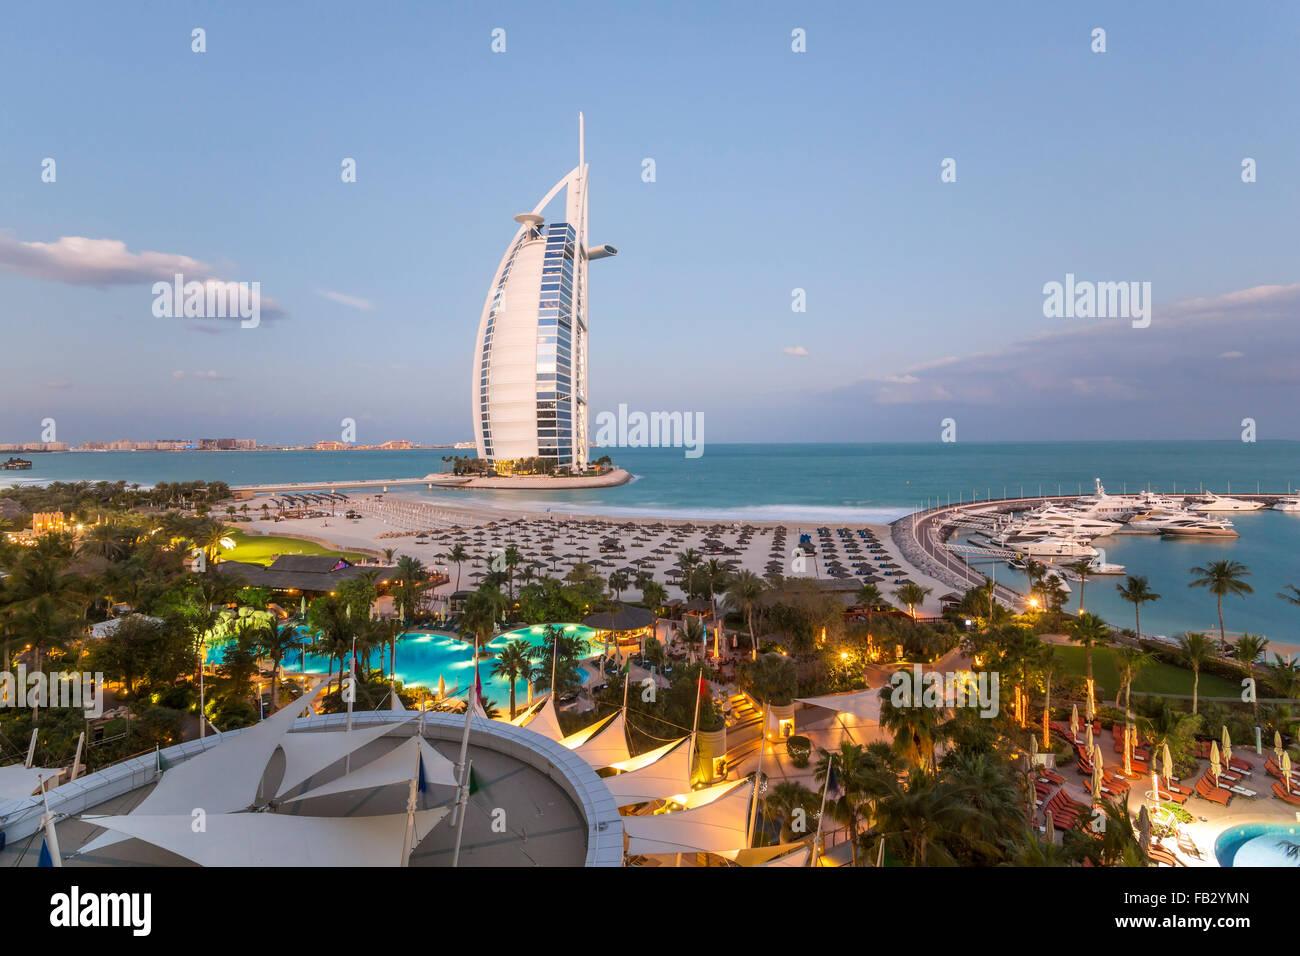 La playa de Jumeirah, el Burj Al Arab Hotel, Dubai, Emiratos Árabes Unidos, Oriente Medio Imagen De Stock